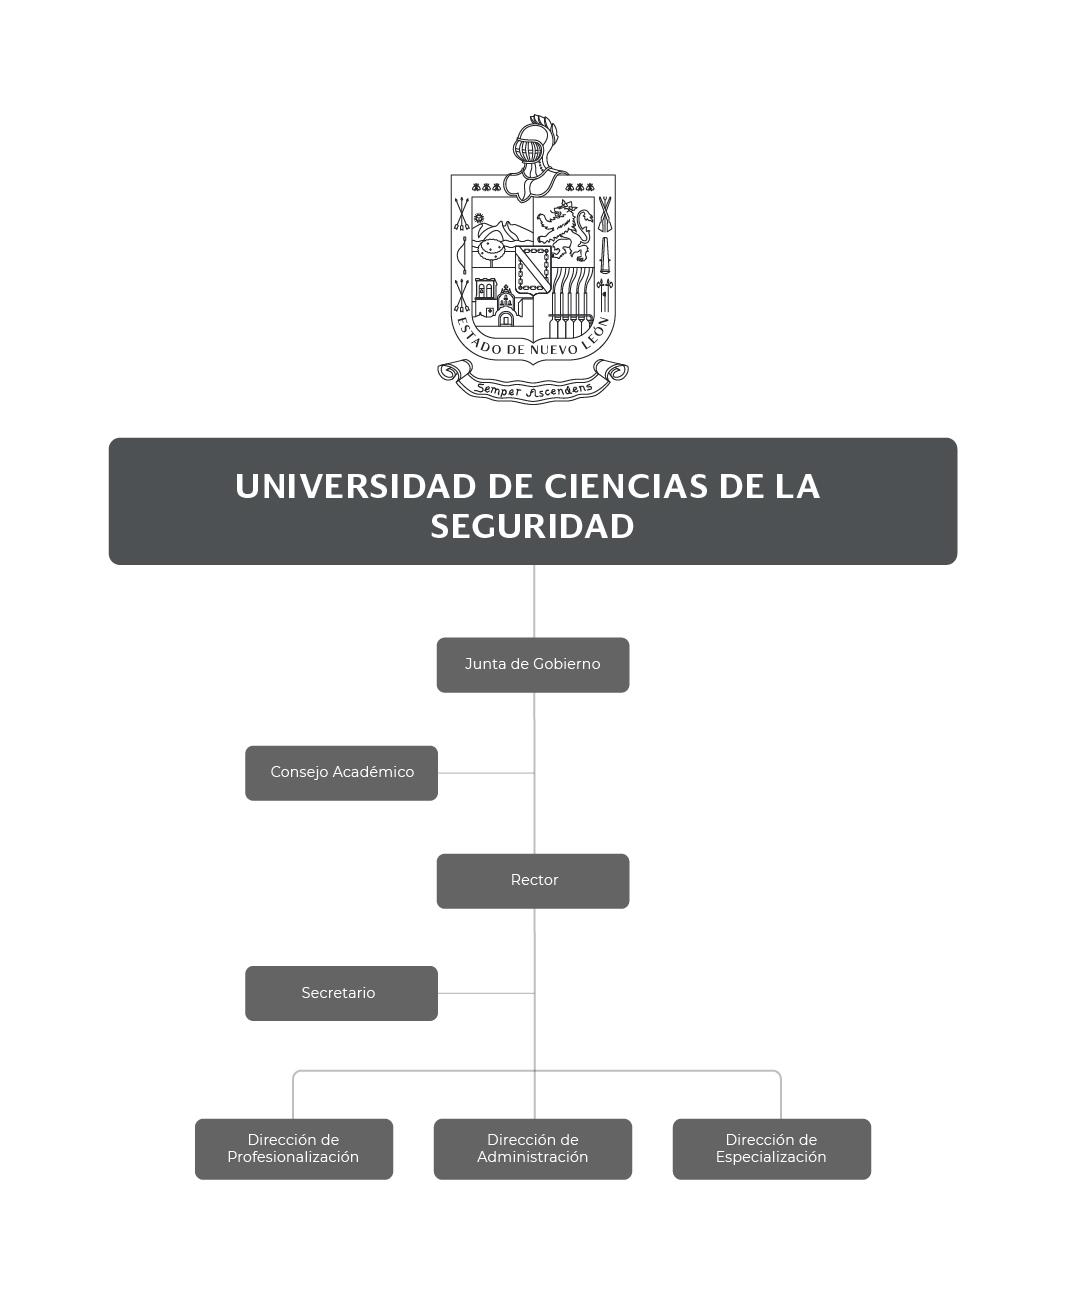 Organigrama de la Universidad de Ciencias de la Seguridad